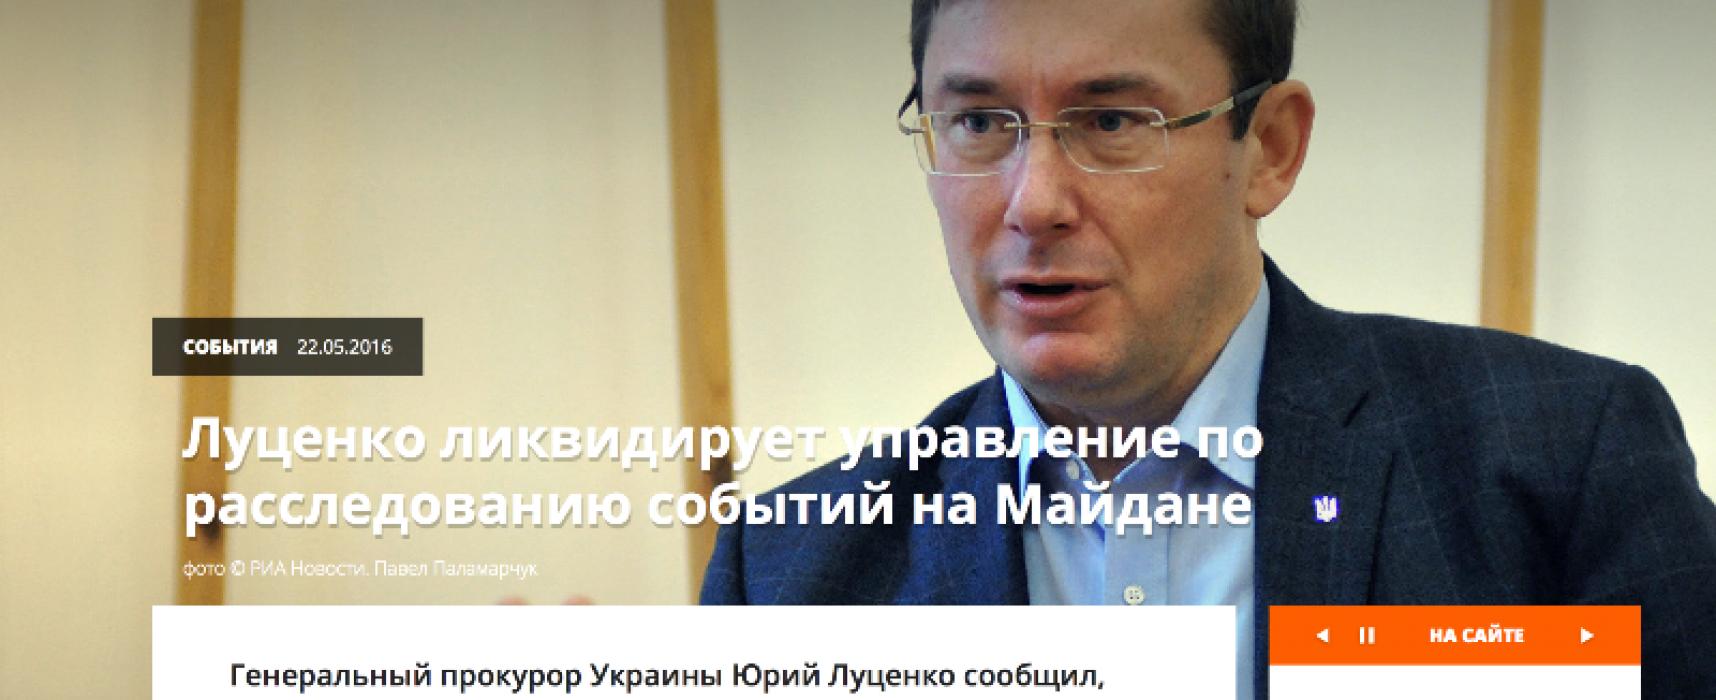 Fake: Il procuratore generale ucraino chiuderà la Commissione di inchiesta sugli eventi a Maidan